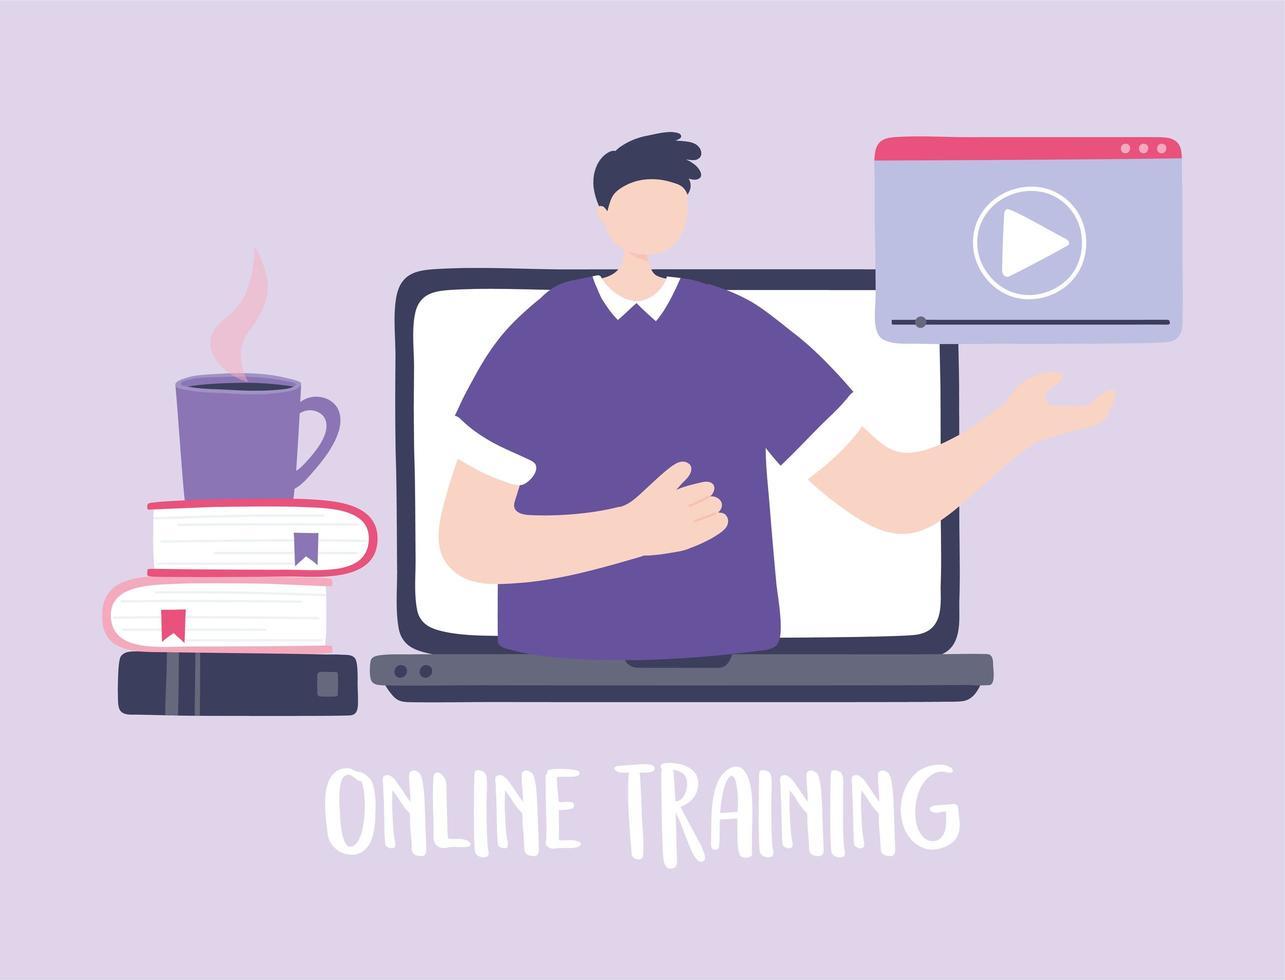 entrenamiento en línea con hombre en la computadora portátil vector